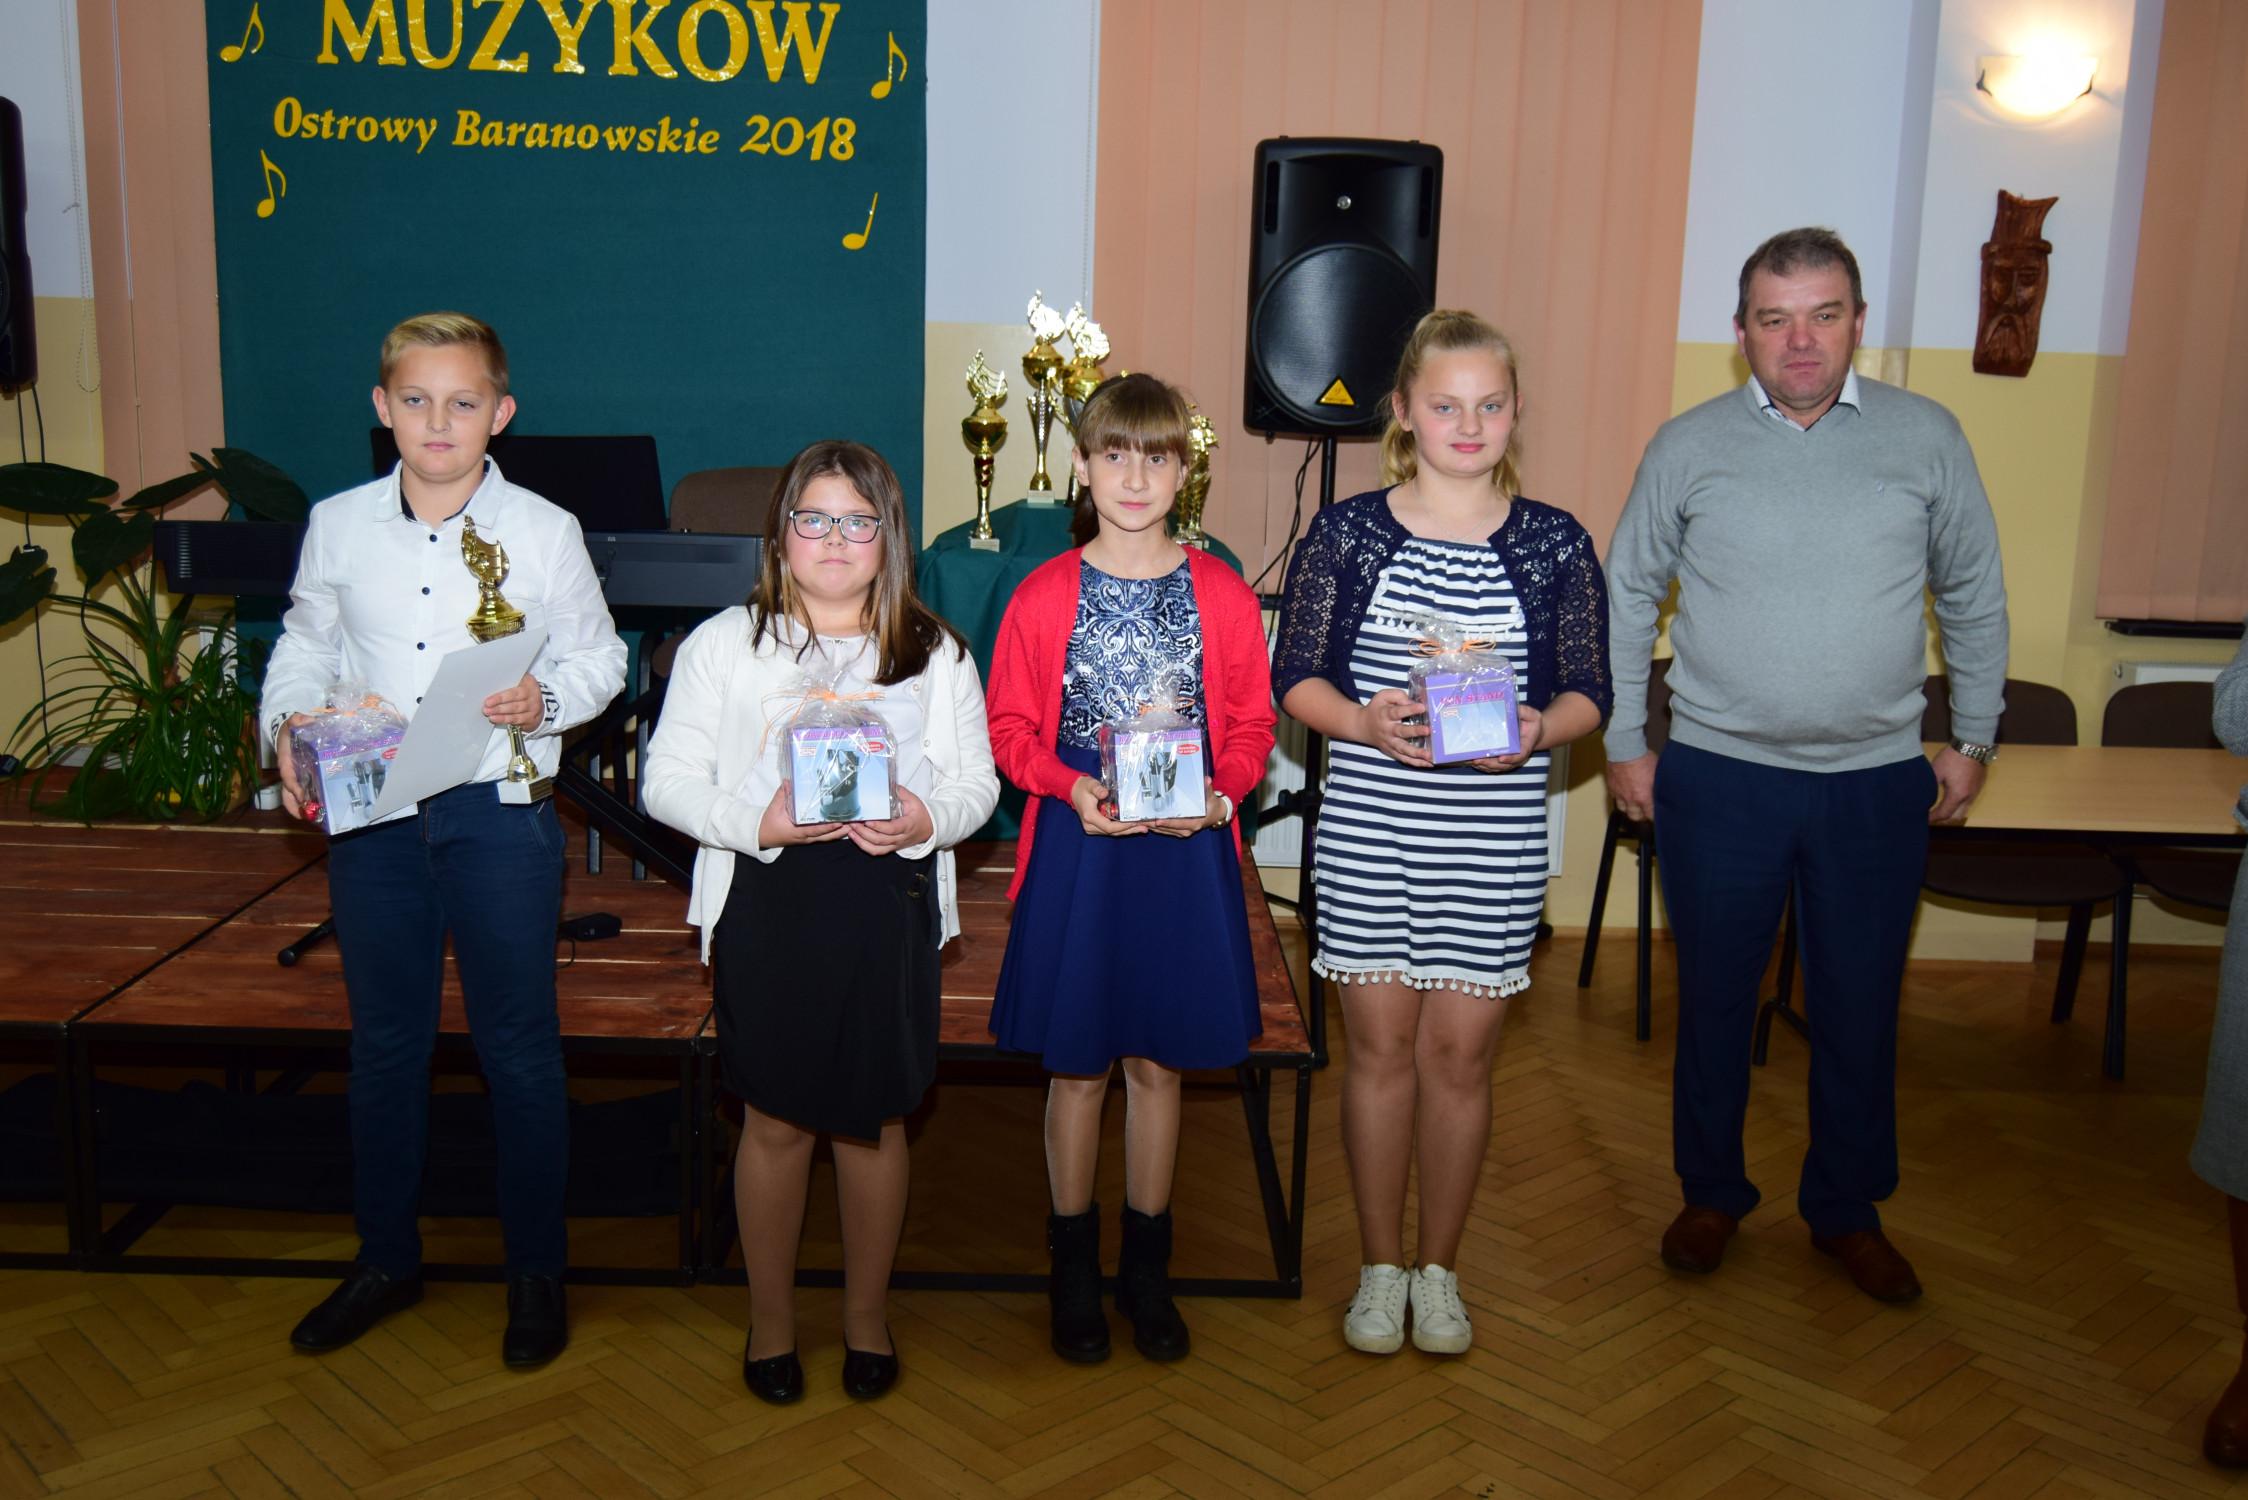 Festiwal Muzyków w Ostrowach Baranowskich 2018 ściągnął wiele młodych talentów [ZDJĘCIA] - Zdjęcie główne